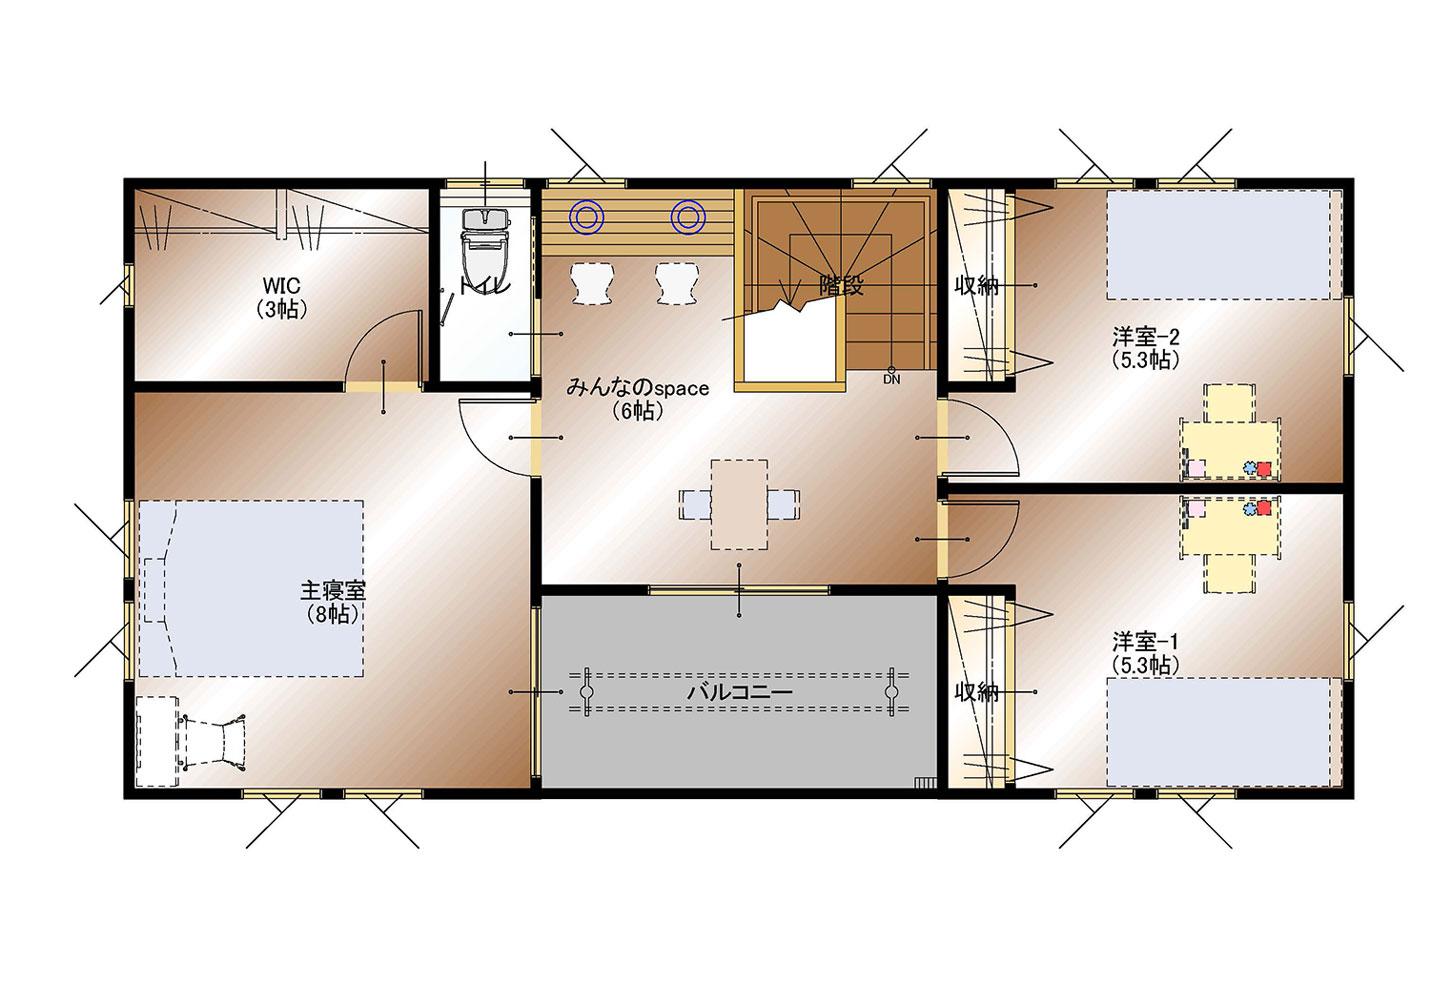 甲斐市下今井E29号棟 建売住宅 平面図2F